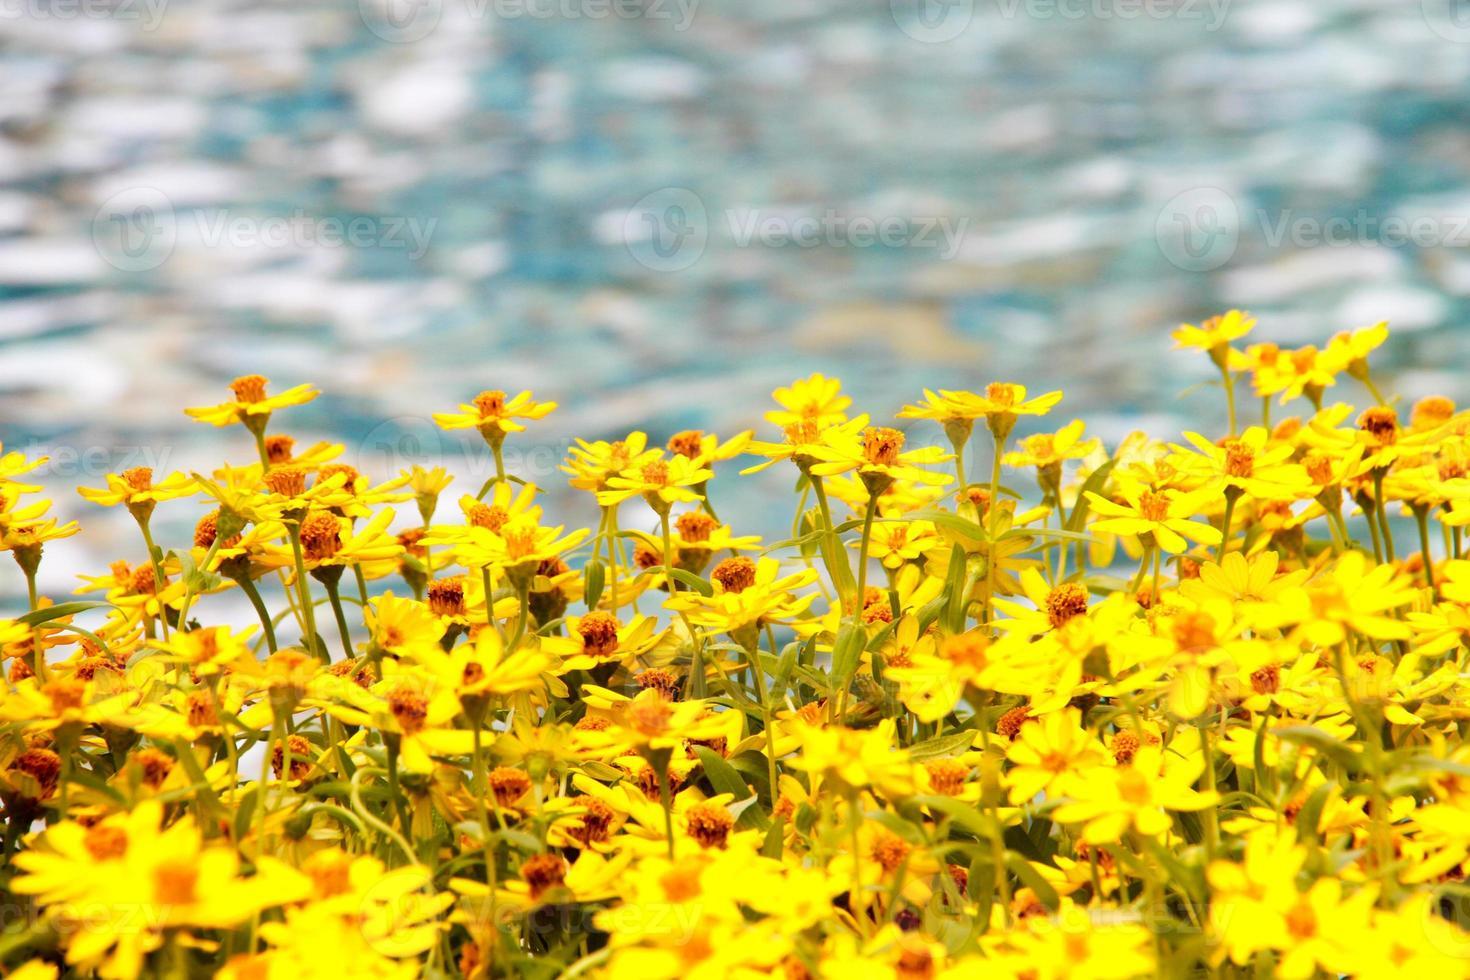 bel fiore giallo accanto al fiume con acqua di fiume sfocata foto